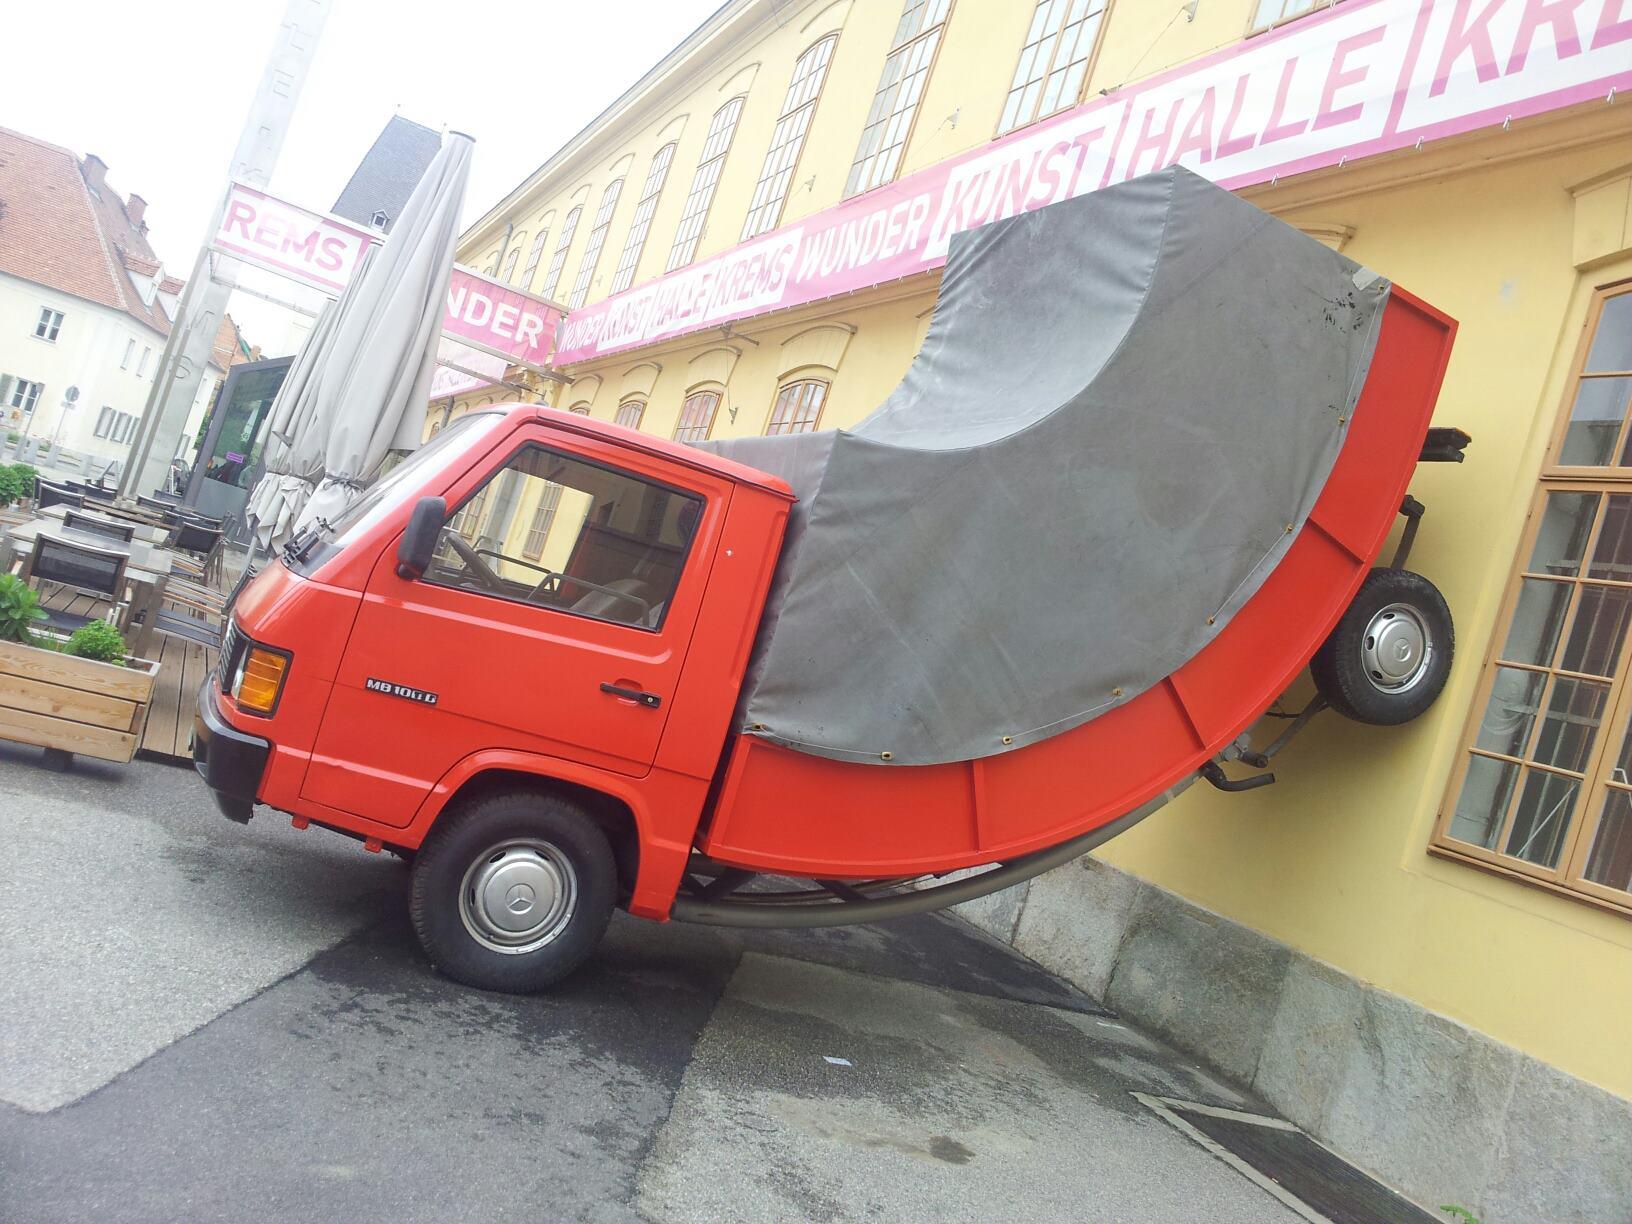 прикольные картинки с грузовыми автомобилями необычного